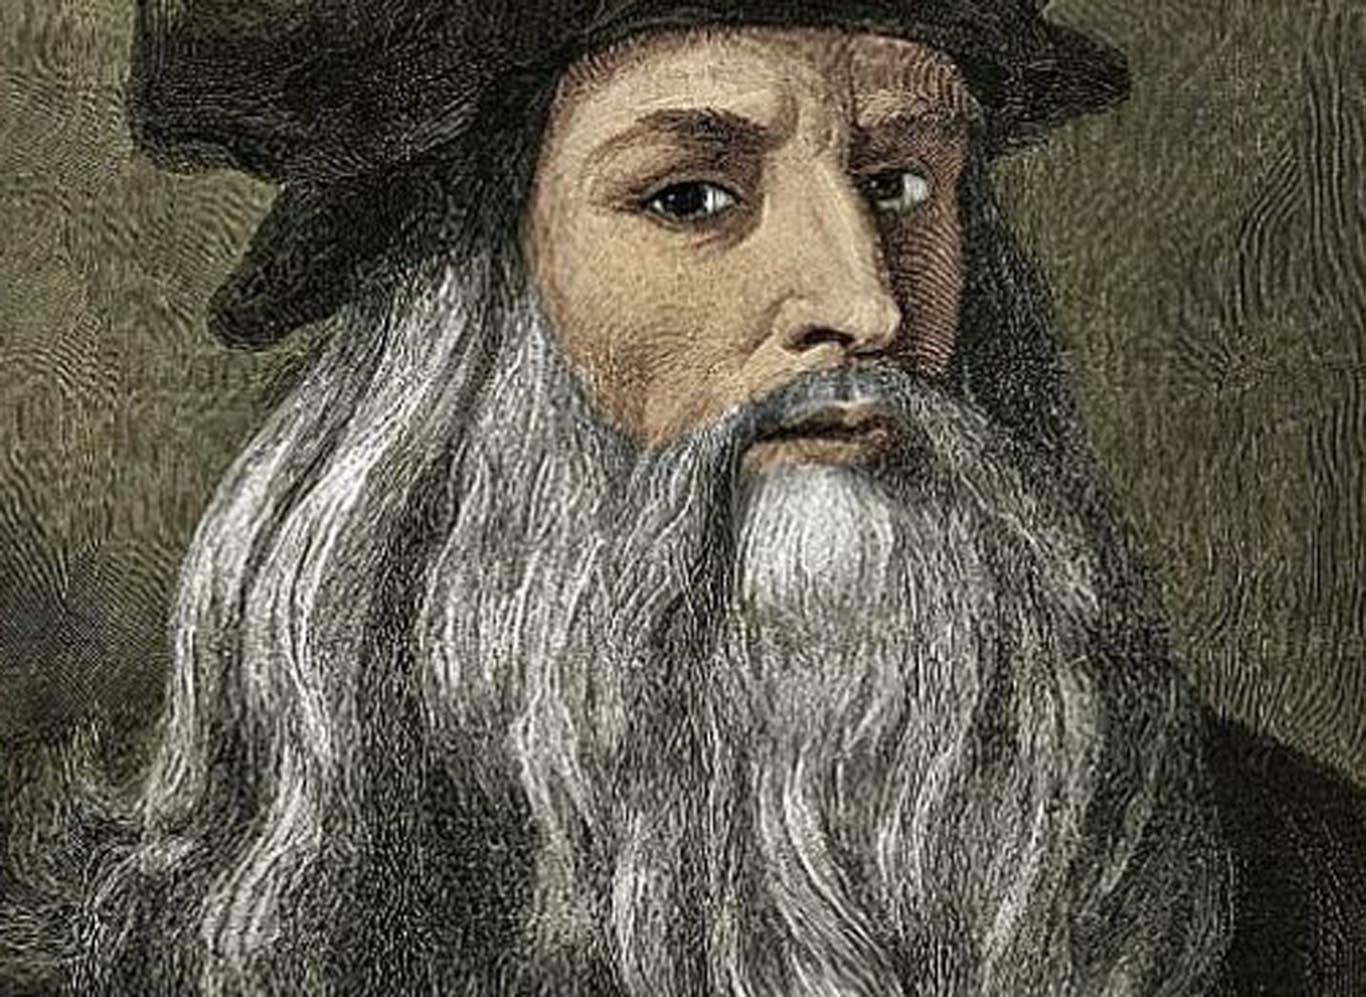 Desde los tiempos de Leonardo Da Vinci los sabios han intentado construir máquinas con inteligencia artificial.